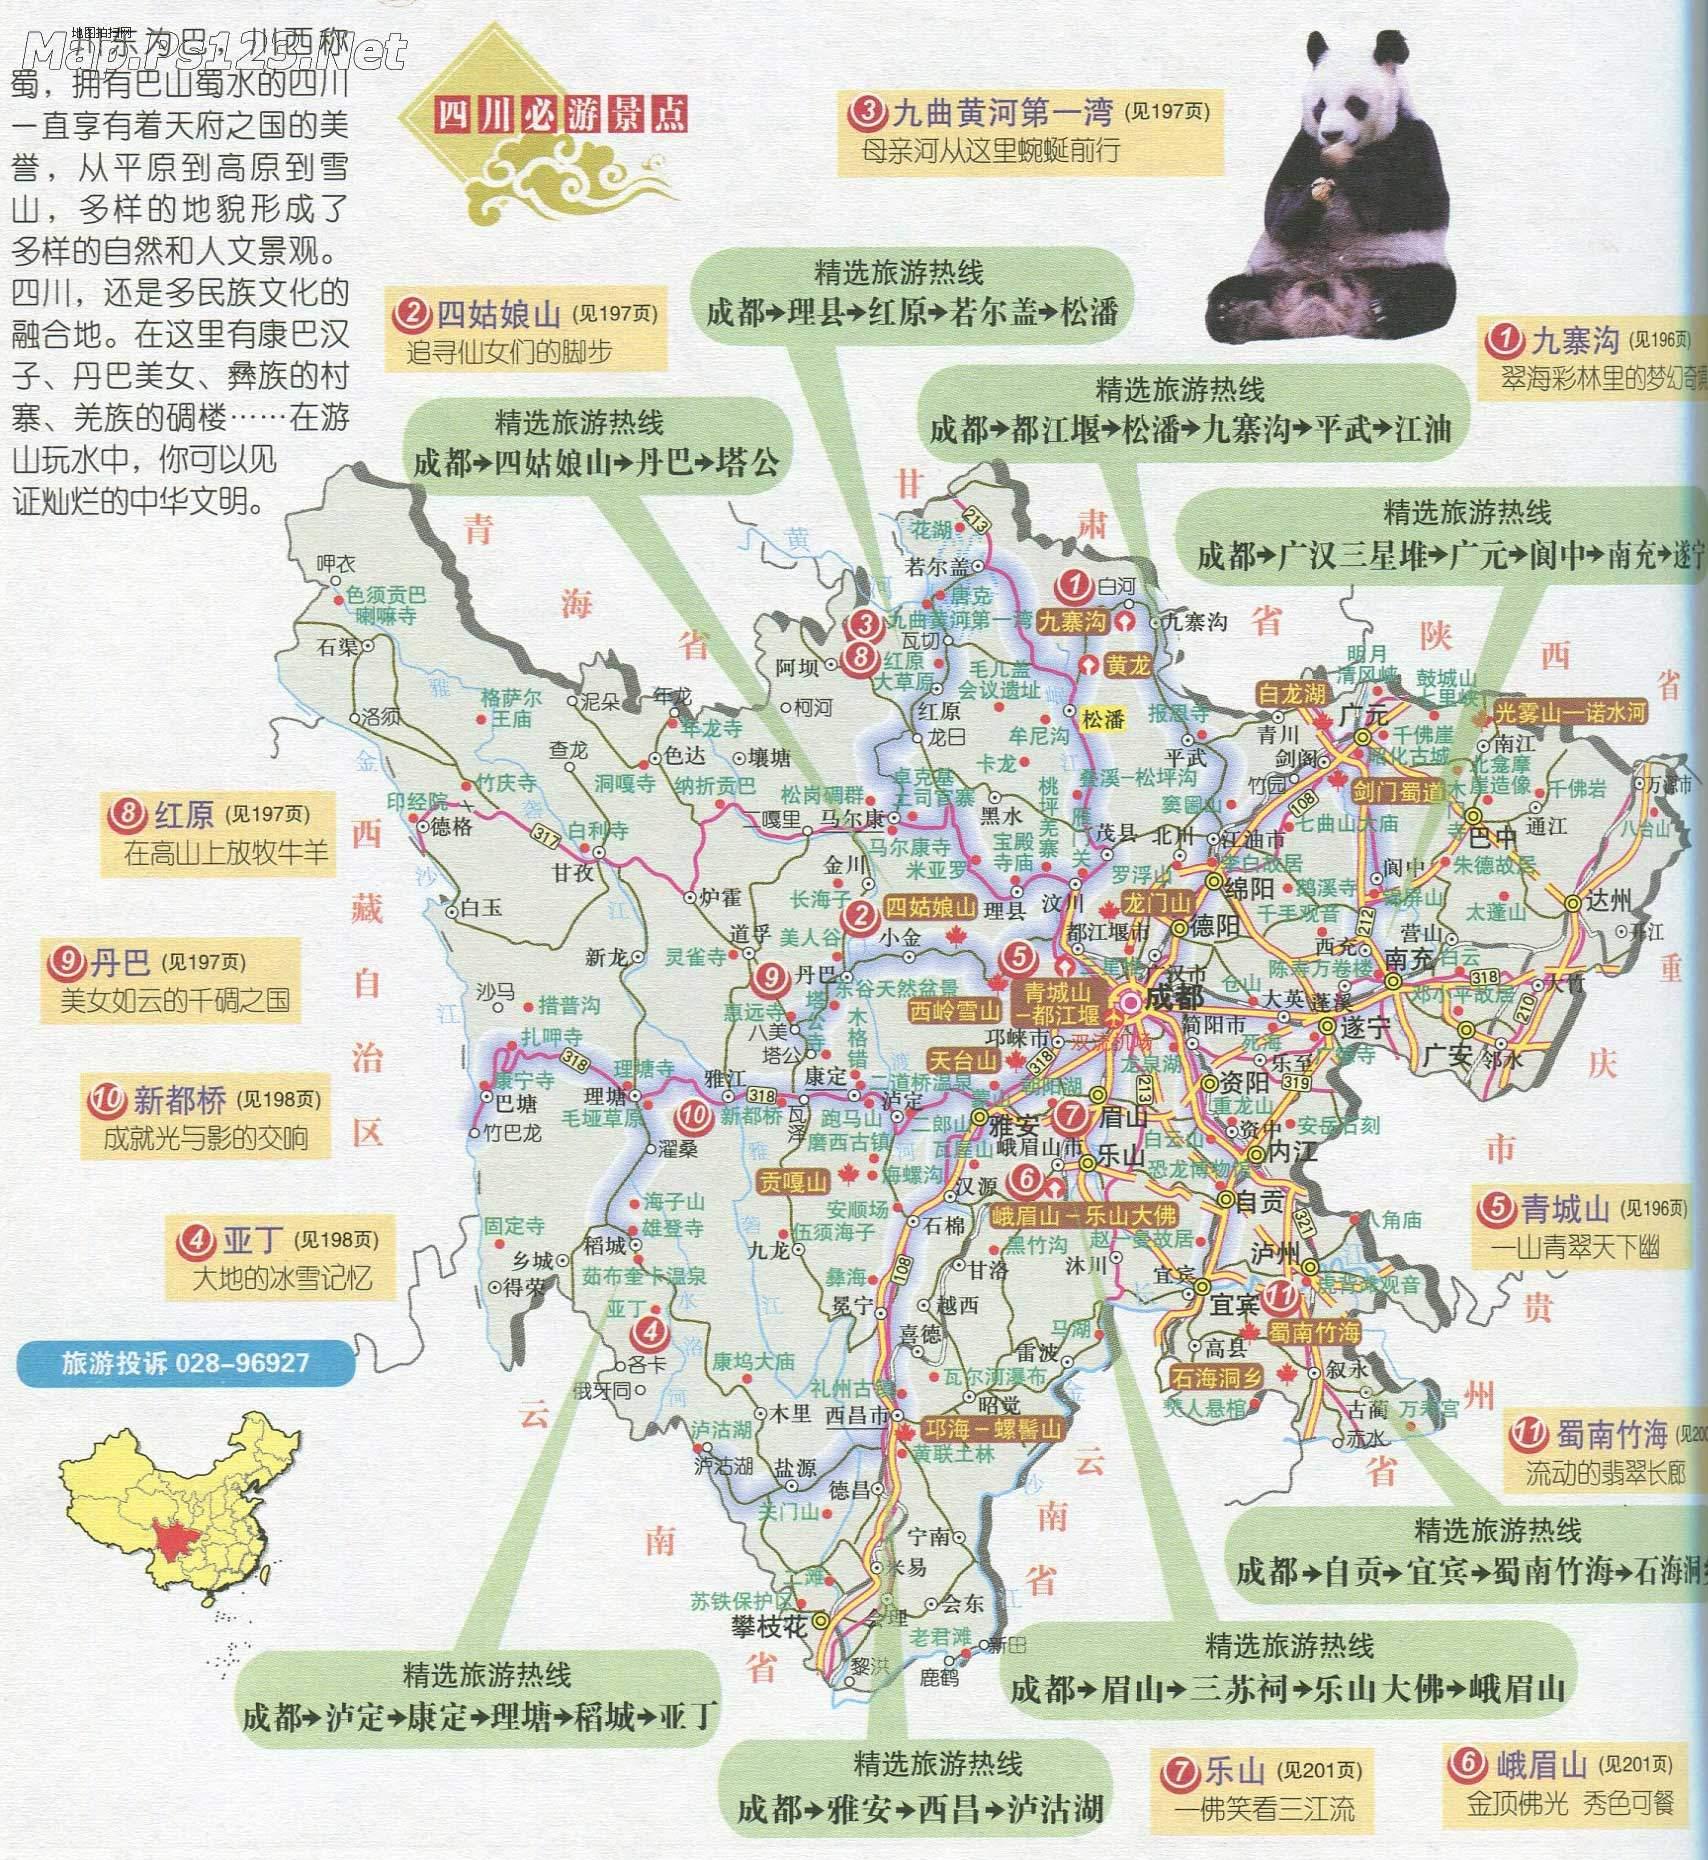 四川必游旅游景点_必游景点地图库_地图窝